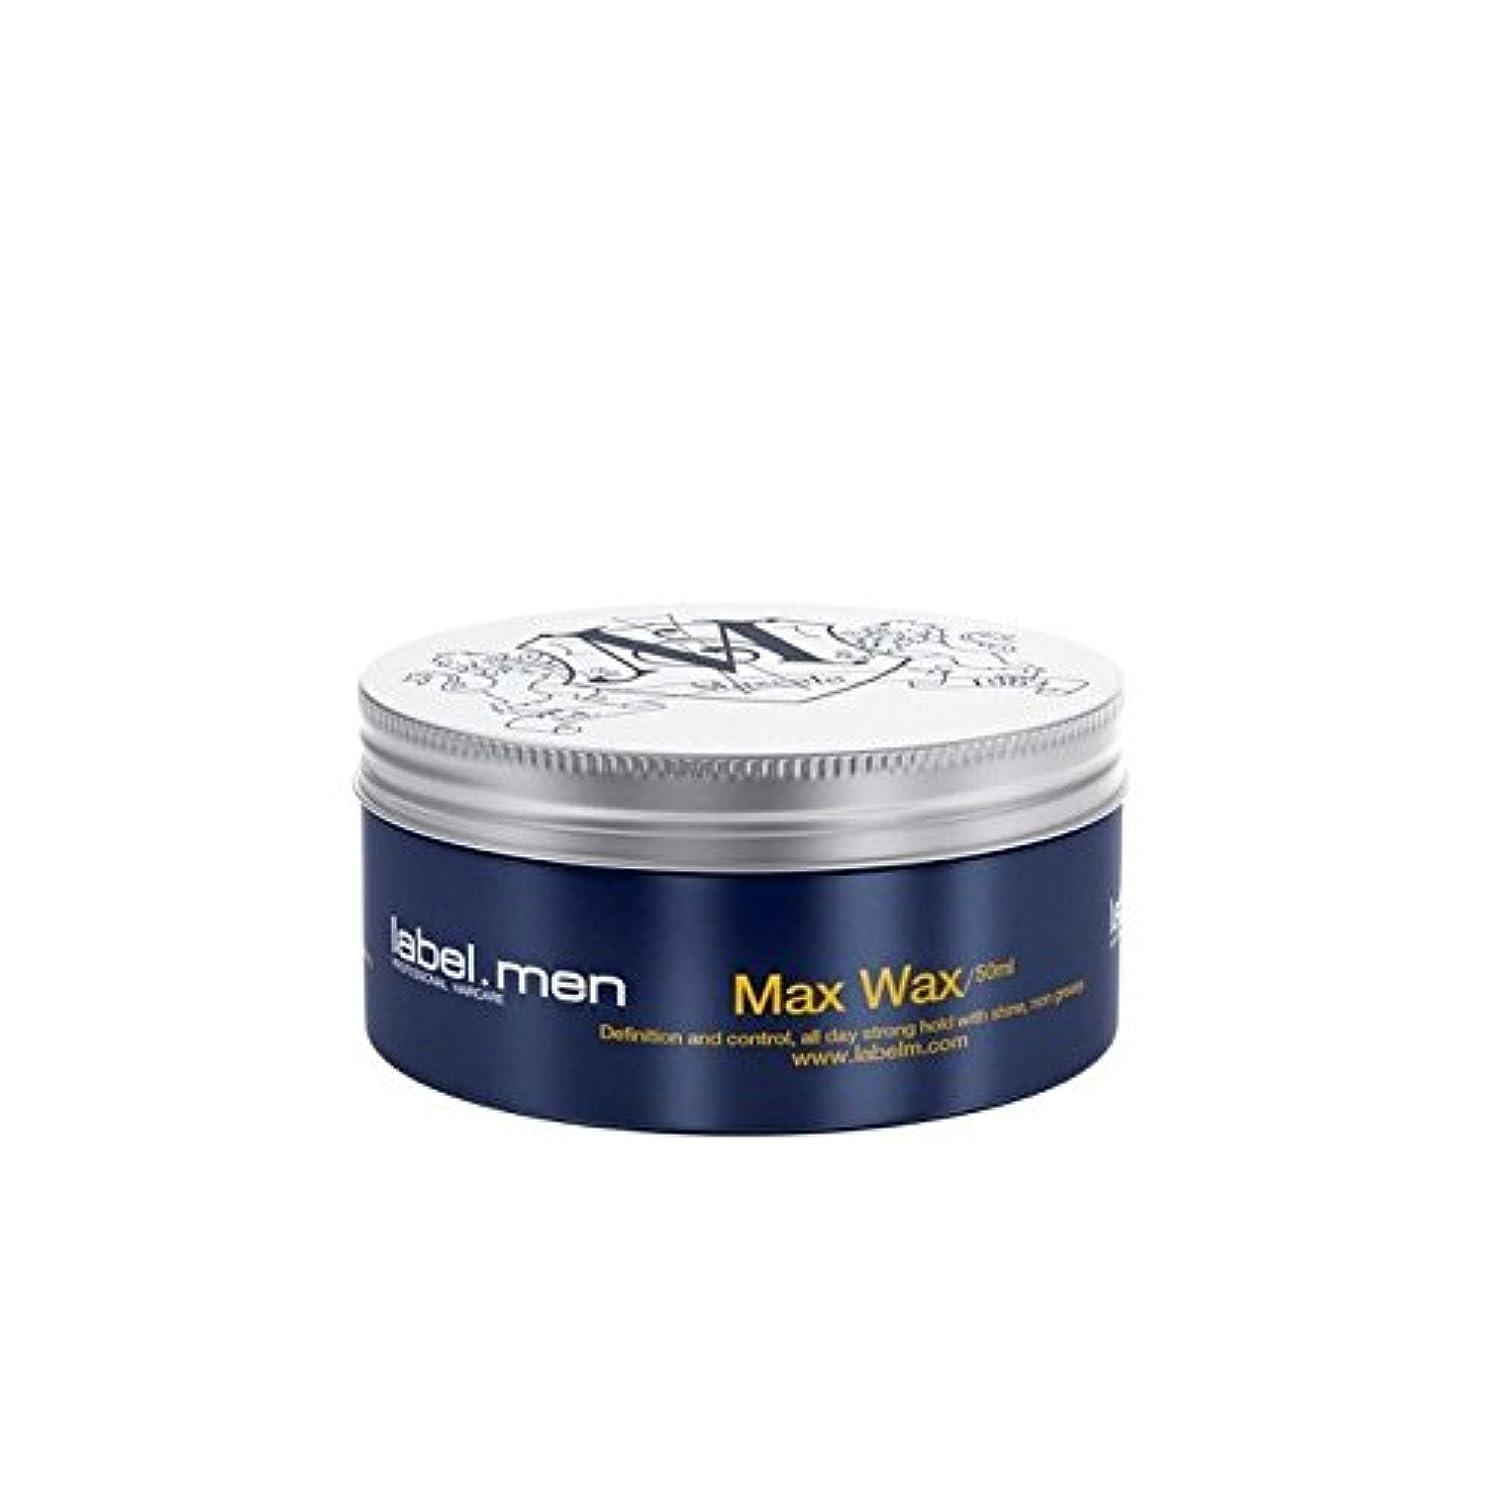 永続手配するお尻.マックスワックス(50ミリリットル) x4 - Label.Men Max Wax (50ml) (Pack of 4) [並行輸入品]